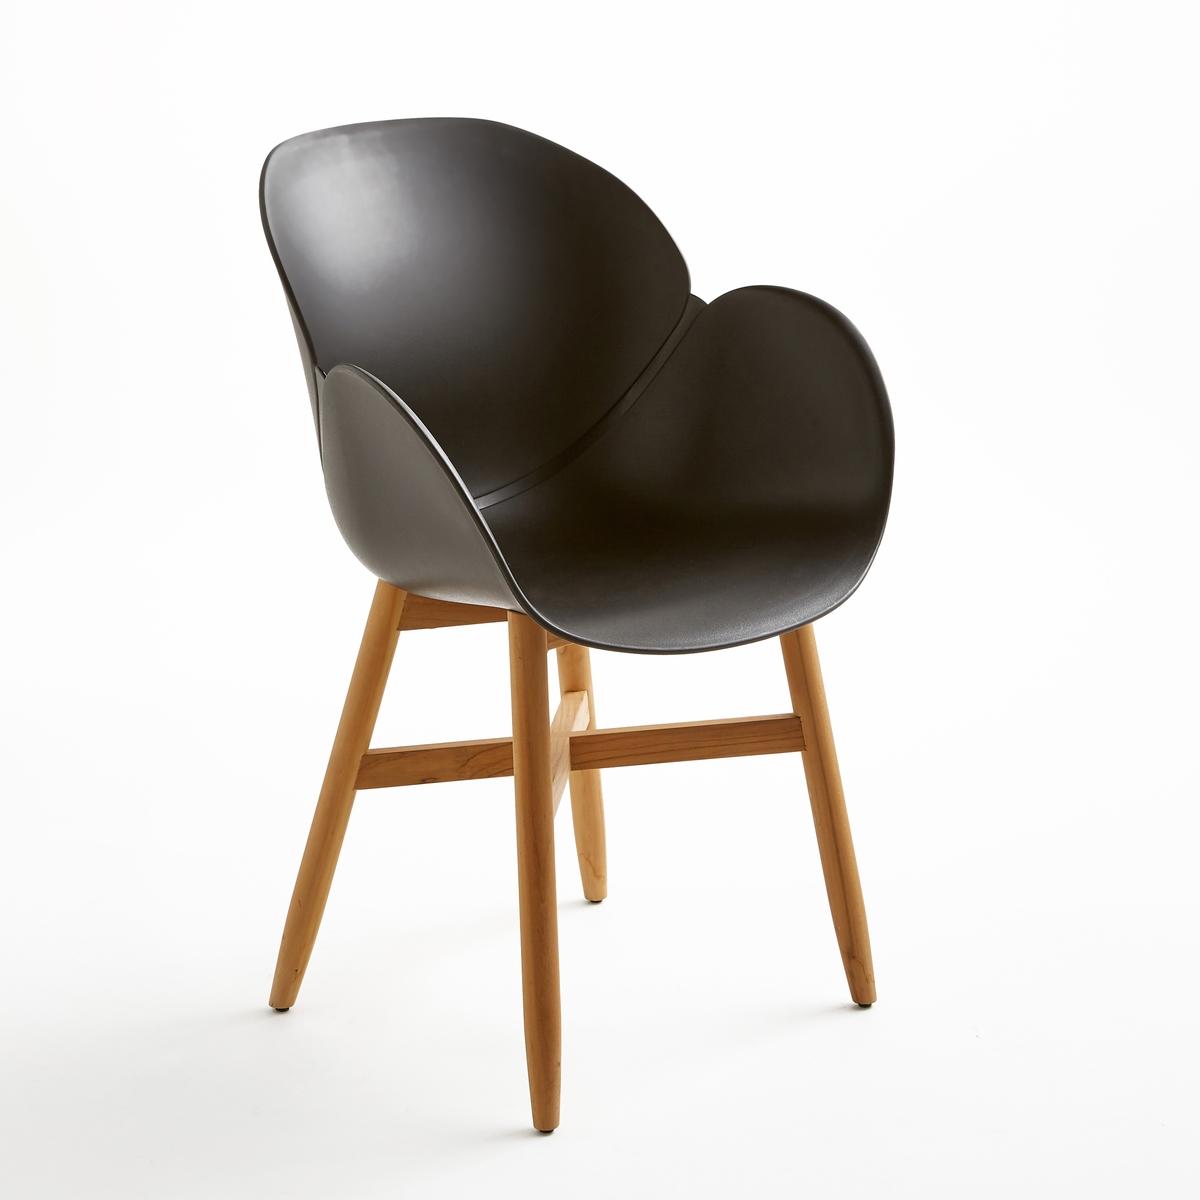 Кресло для сада с сиденьем в форме раковины, Jimi